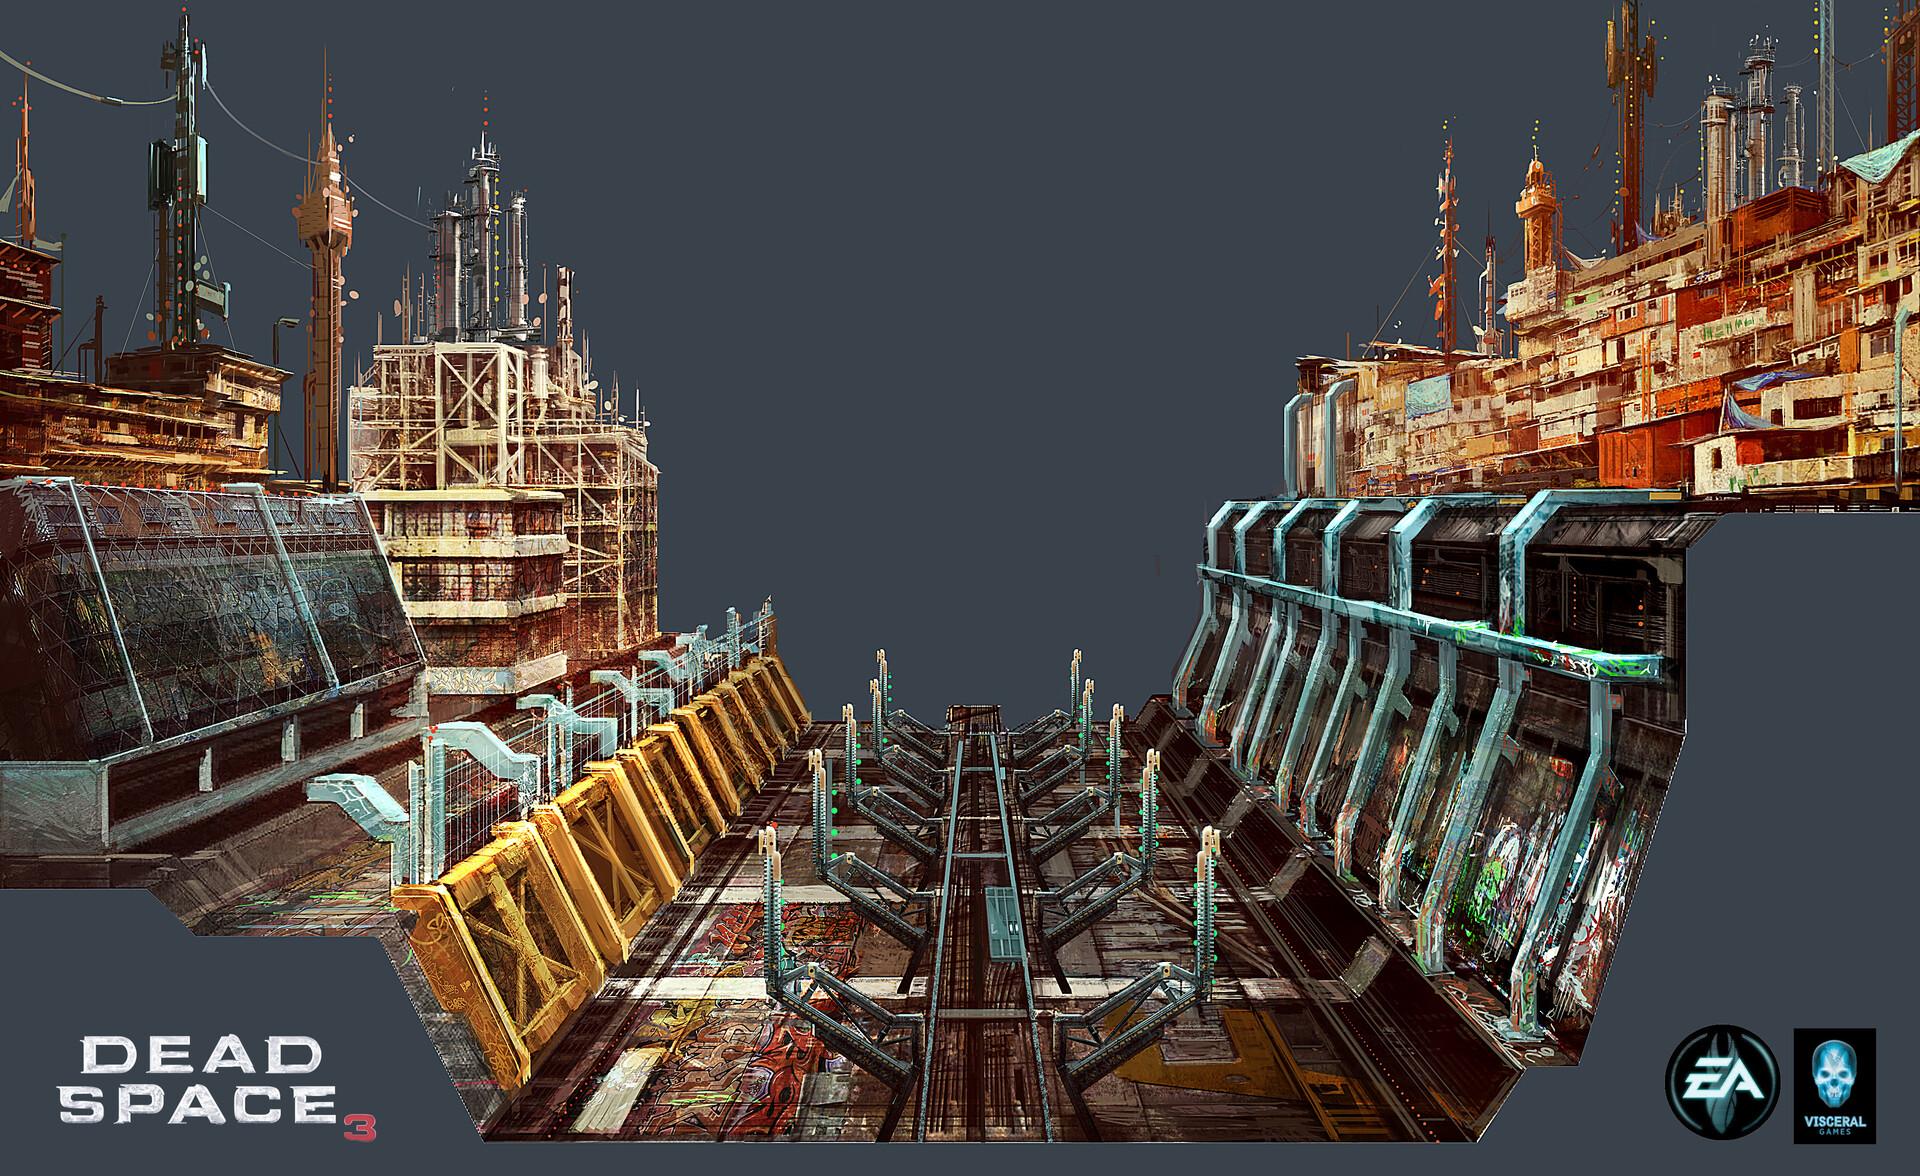 Dead Space 3 concepts 2